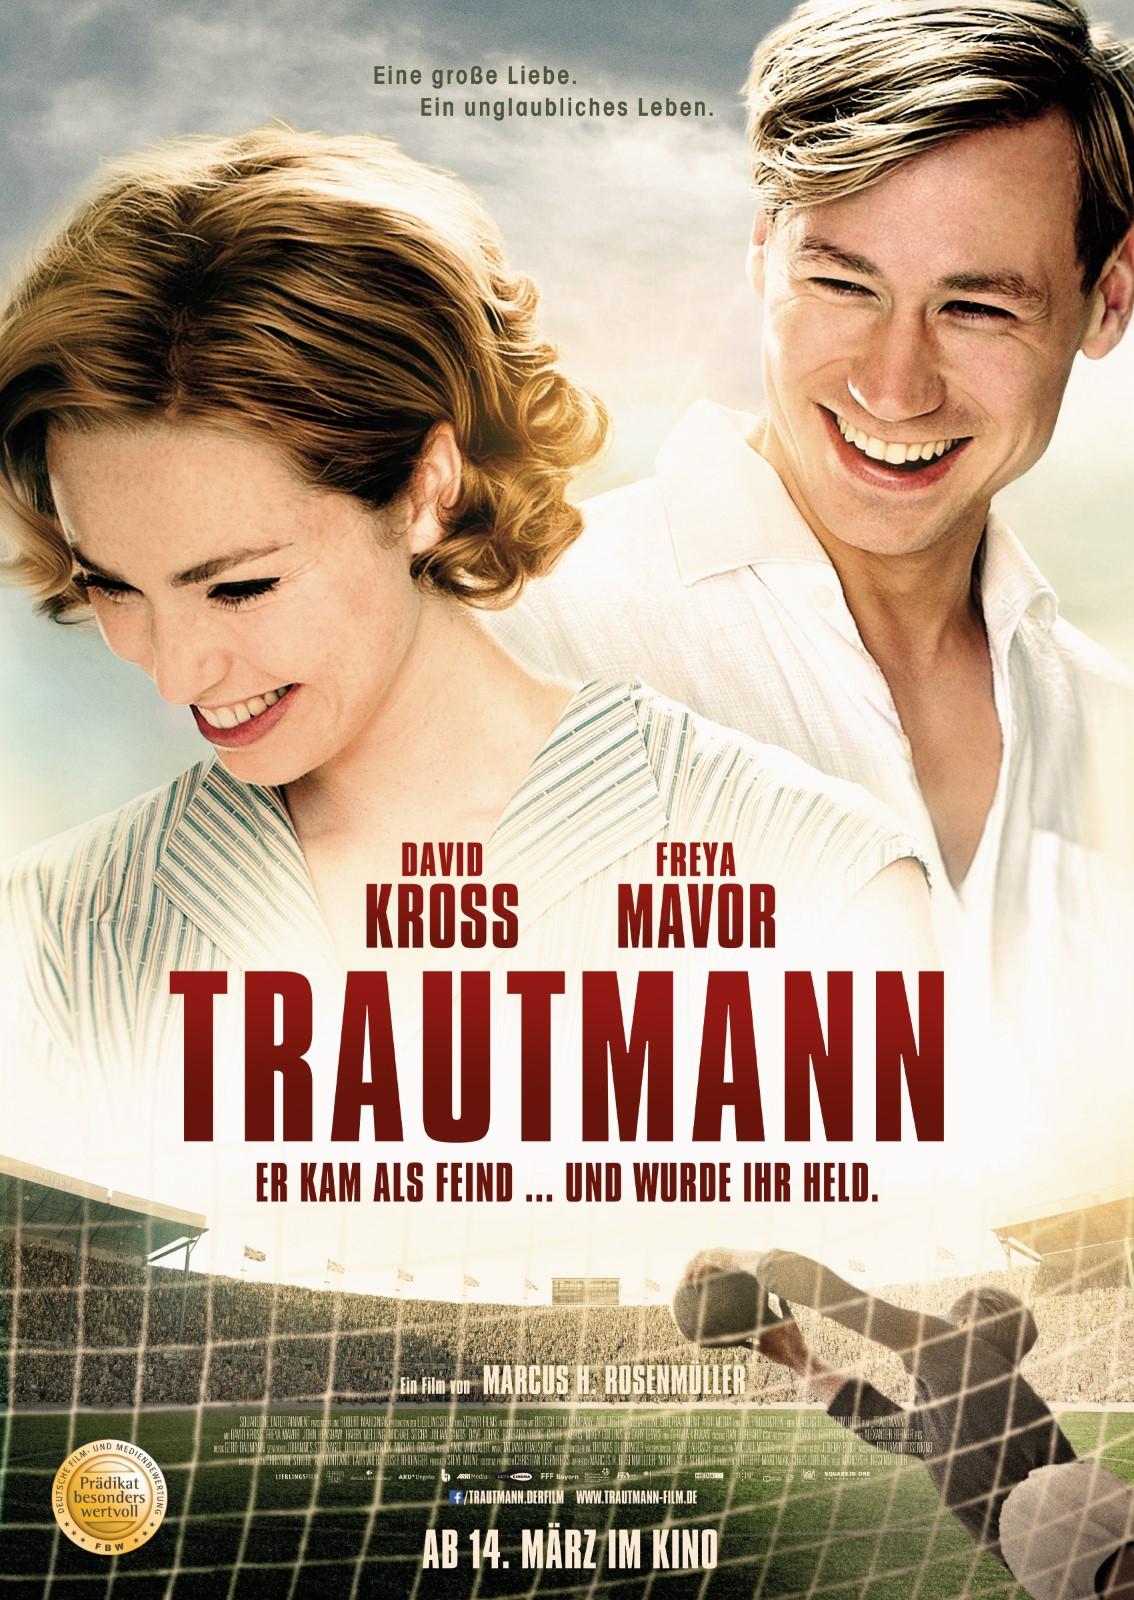 Trautmann (Film)